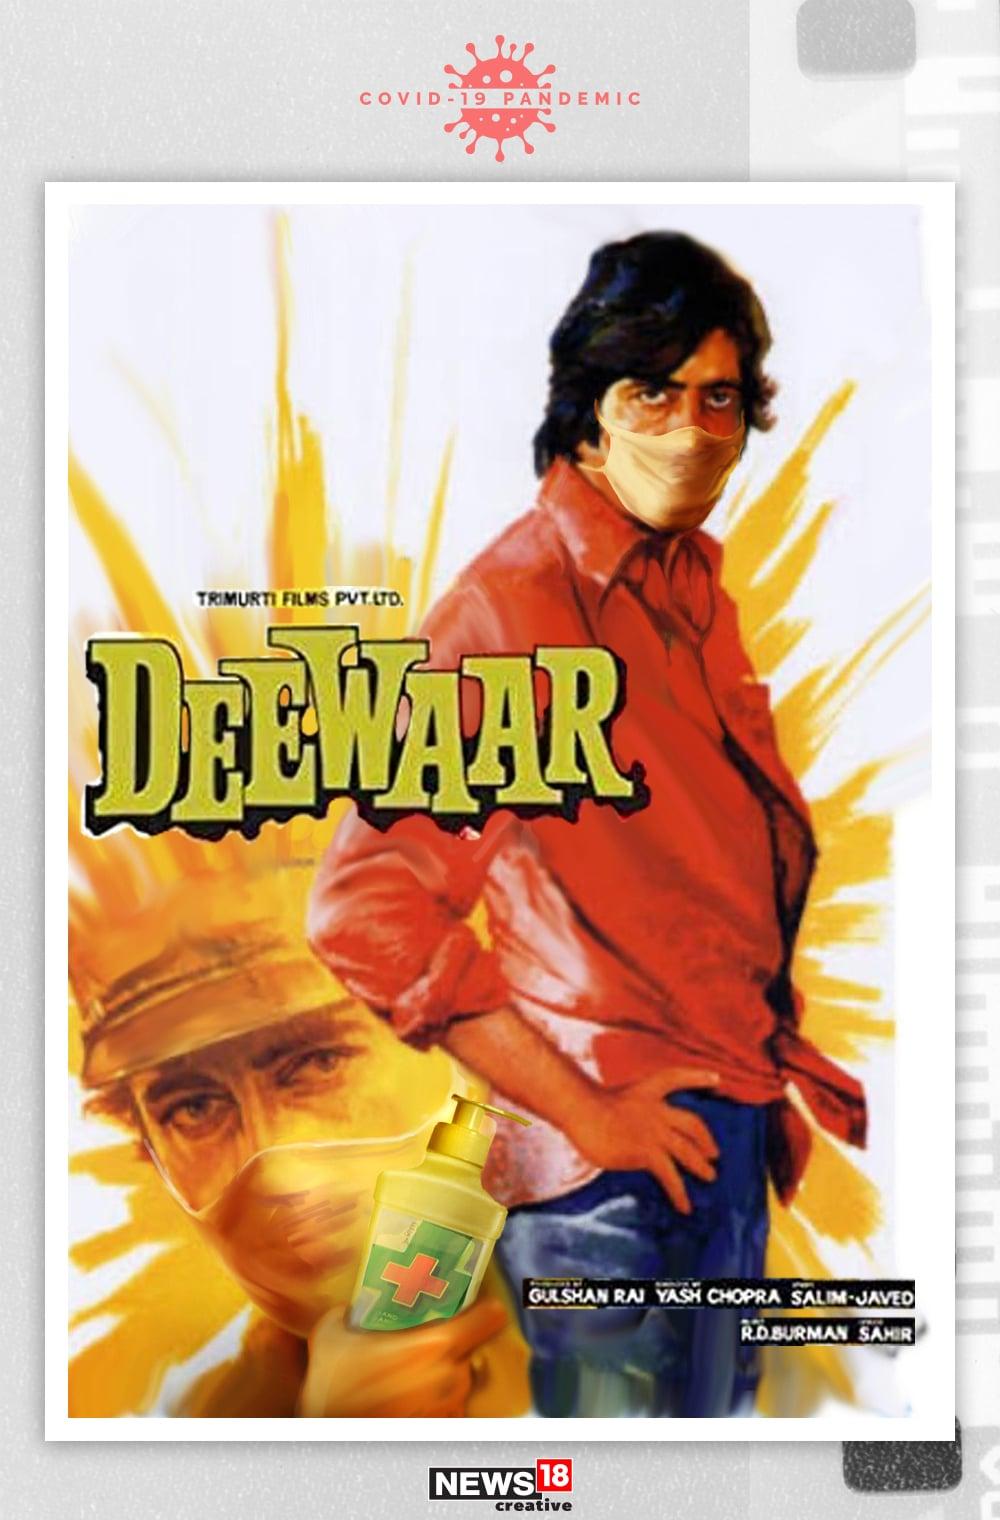 अमिताभ बच्चन की सुपरहिट फिल्म दीवार साल 1975 में रिलीज हुई थी. अगर ये आज रिलीज हुई होती तो इसका पोस्टर कुछ ऐसा होता.